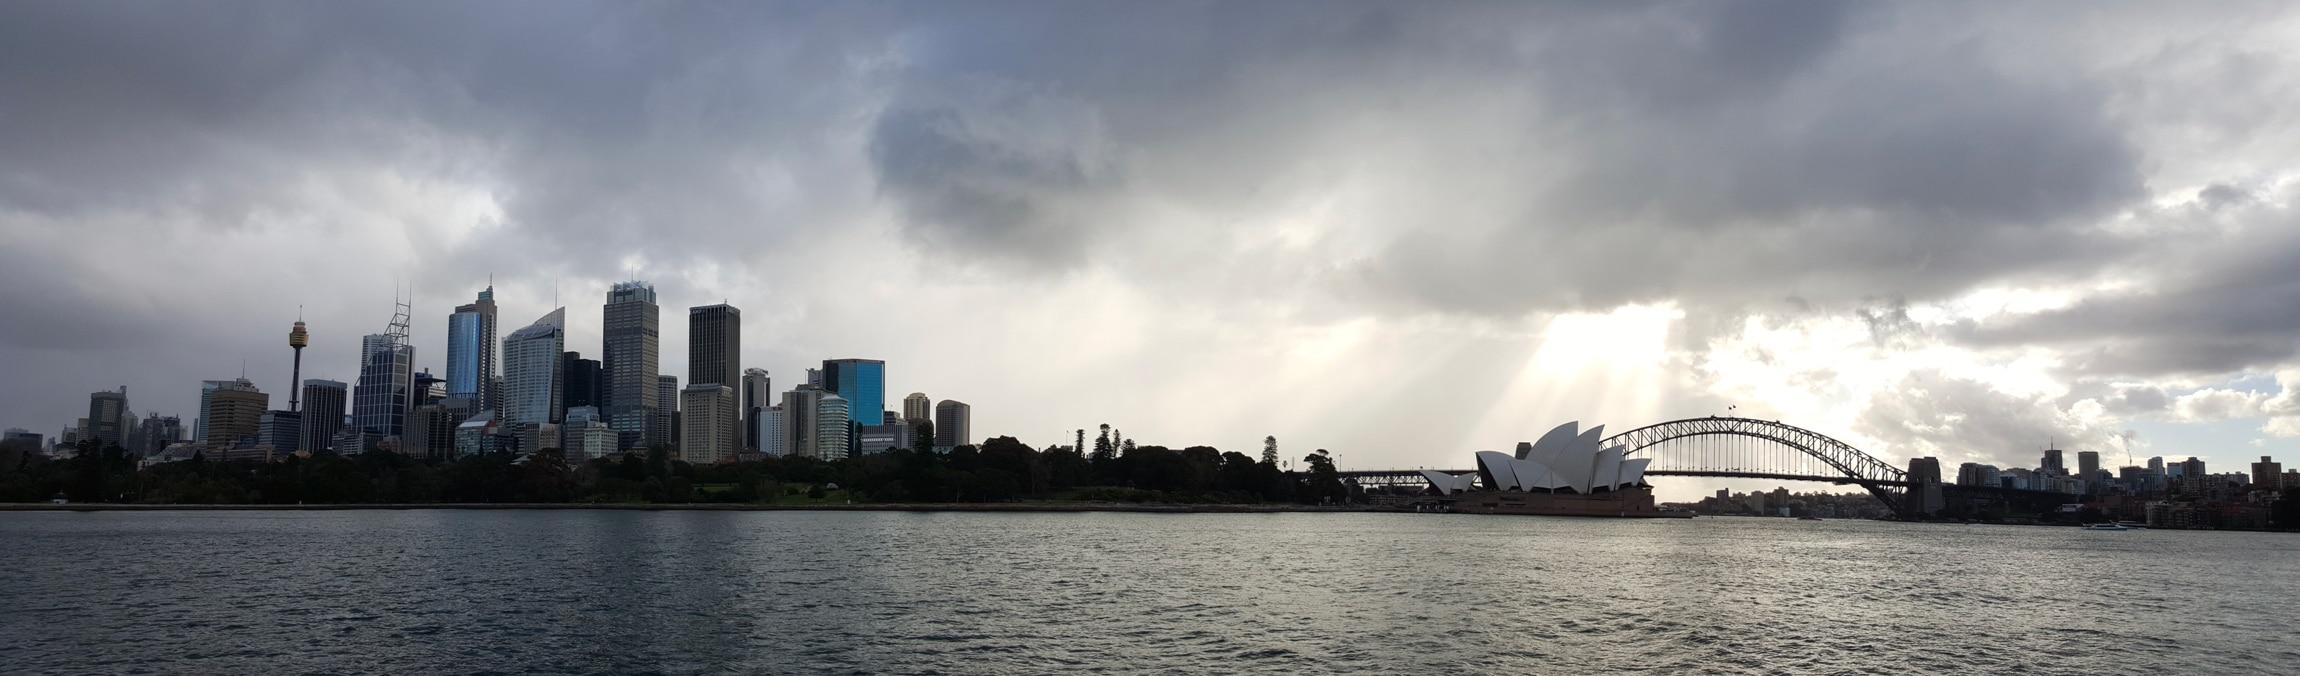 Photo de Sydney et de l'opéra lors d'un voyage en Australie pour le livre Chasseurs de pierres en Australie